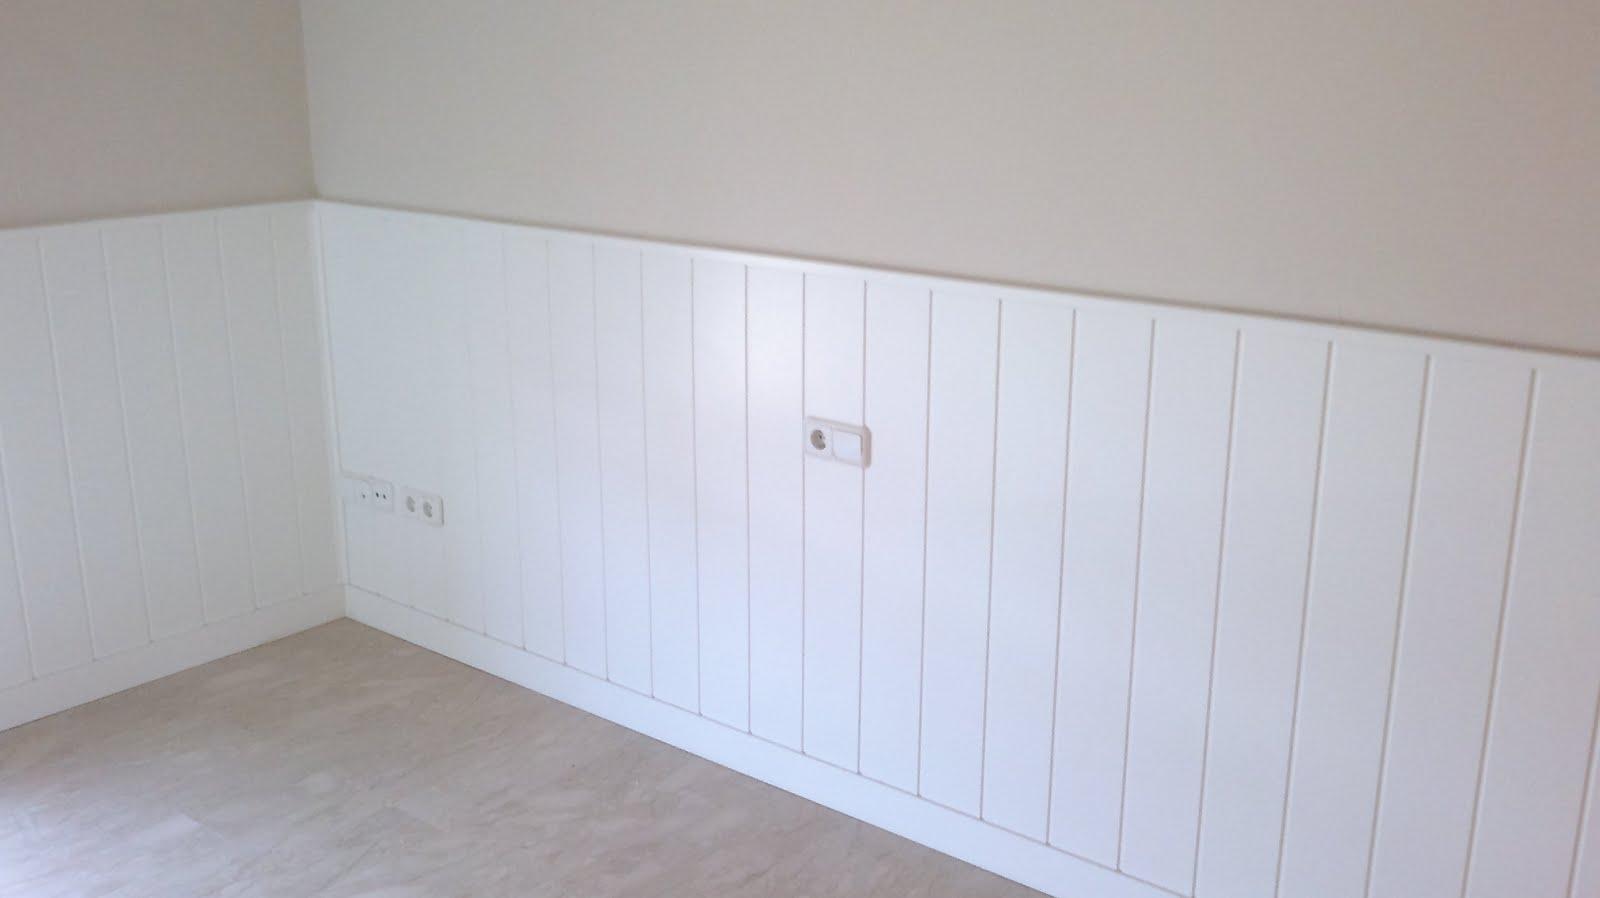 Decoraciones sahuquillo friso blanco - Habitaciones con friso ...